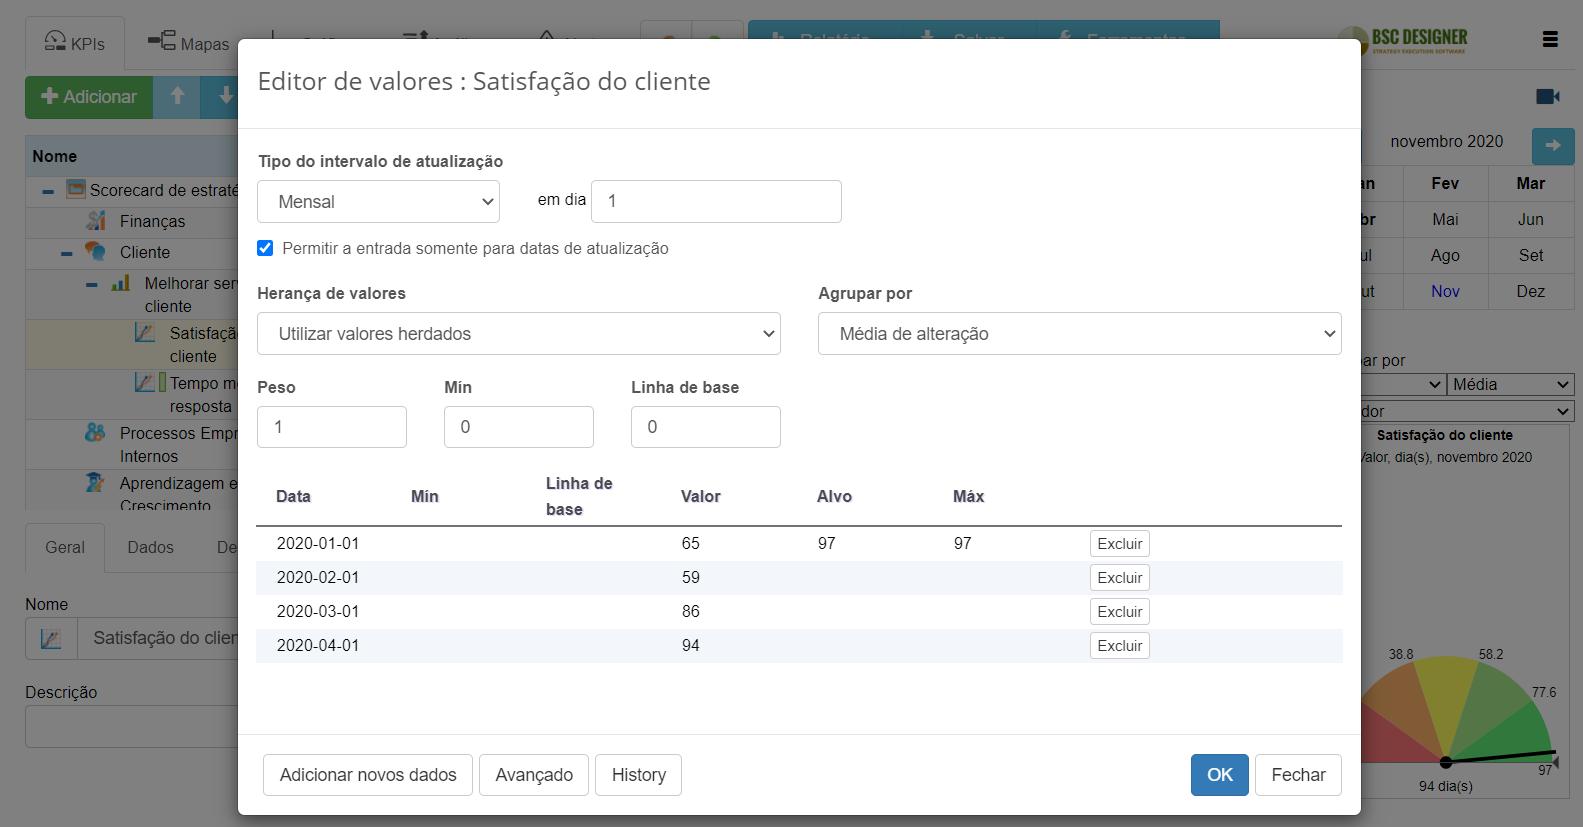 Controle o intervalo de atualização do KPI e configuração de agrupamento